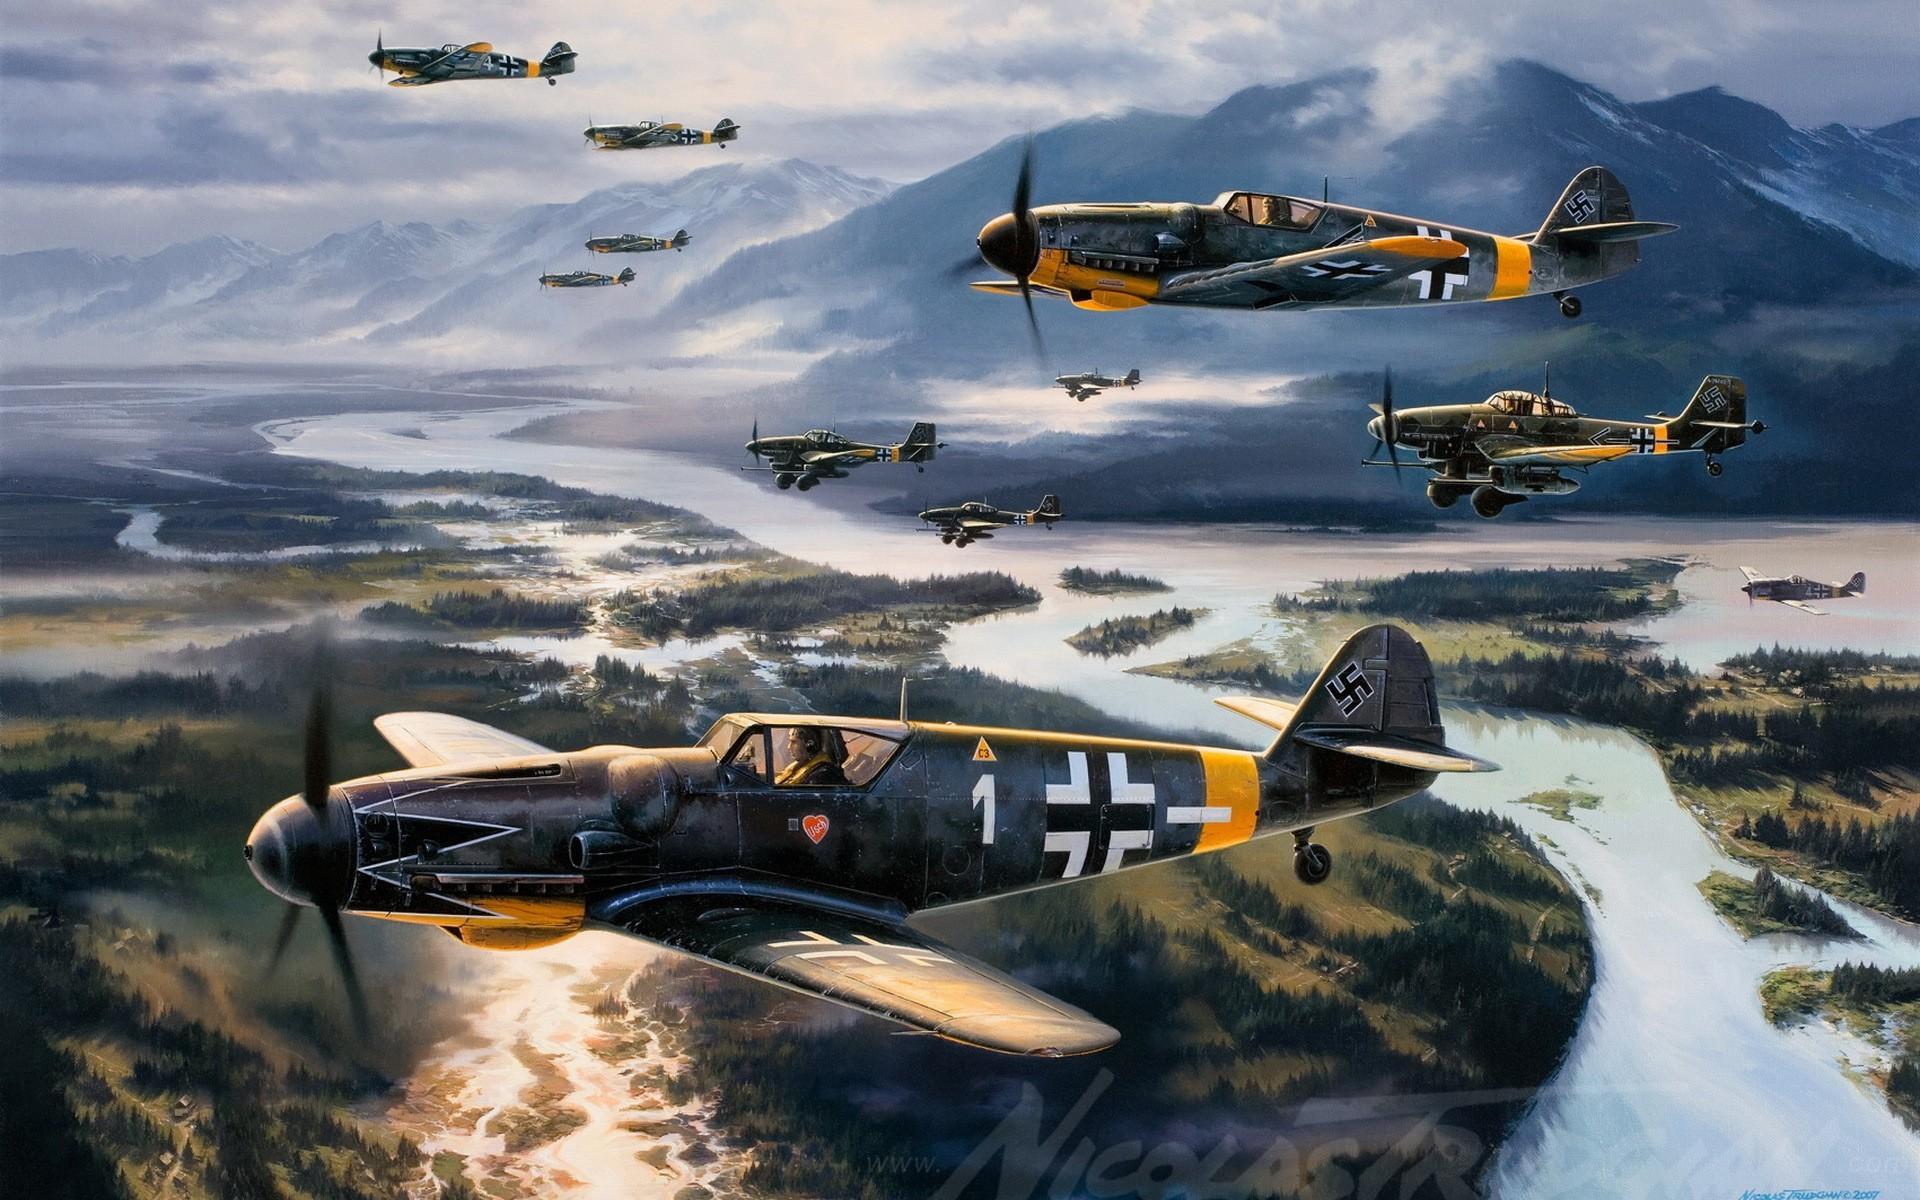 Messerschmitt, Messerschmitt Bf 109, World War II, Germany, Military,  Aircraft, Military Aircraft, Luftwaffe, Airplane Wallpapers HD / Desktop  and Mobile …